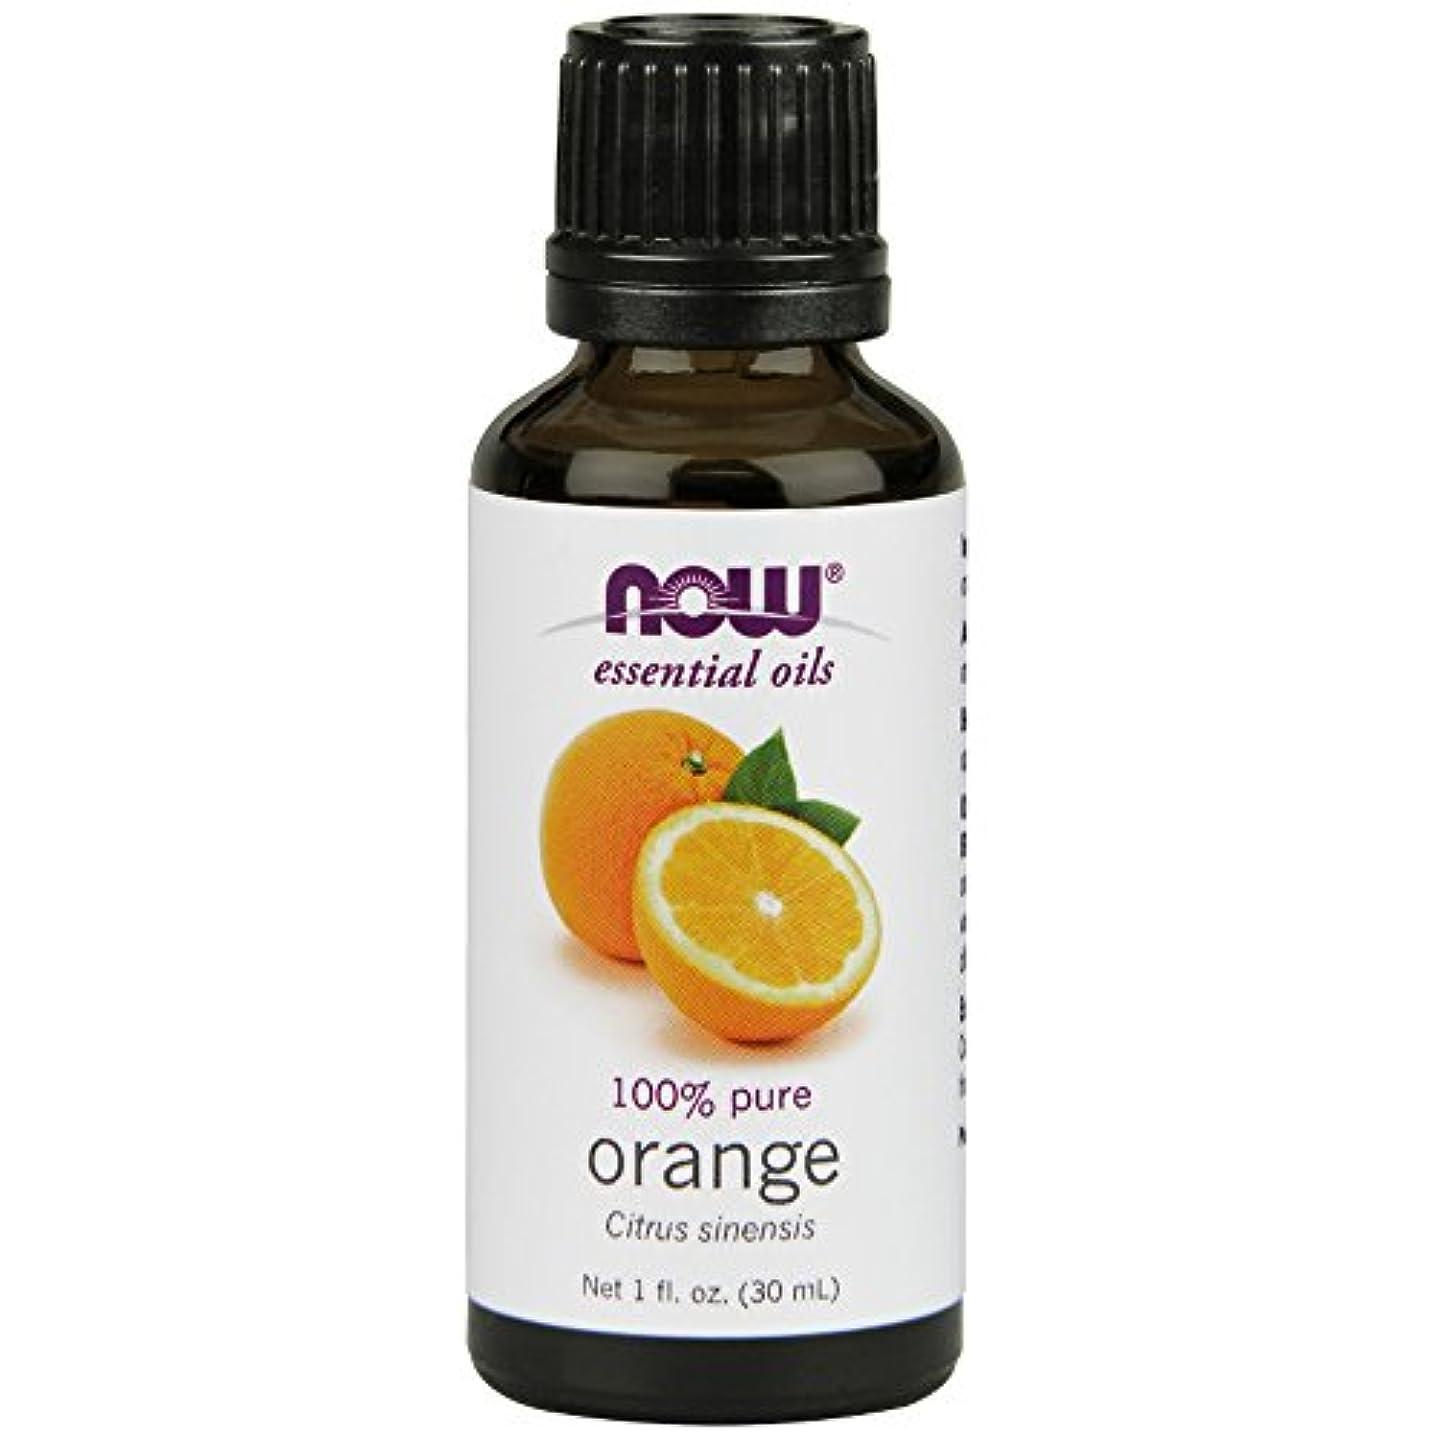 かご誰か整理するNOWエッセンシャルオイル オレンジ精油 アロマオイル 30ml 【正規輸入品】